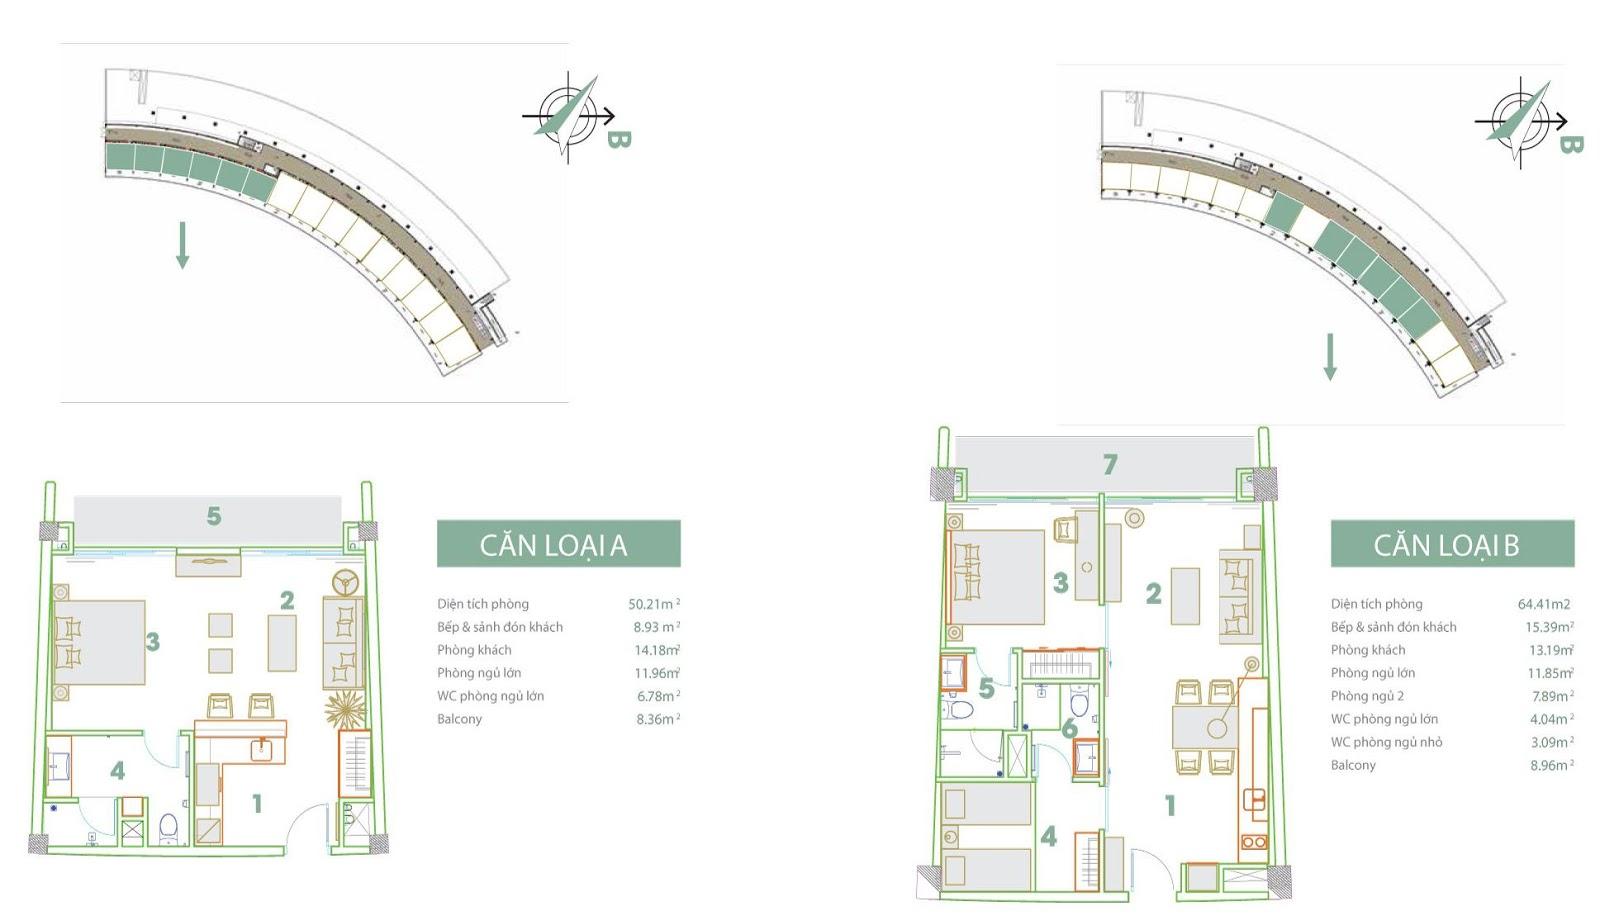 Mặt bằng thiết kế căn hộ loại A và B FLC Luxury Hotel Sầm Sơn